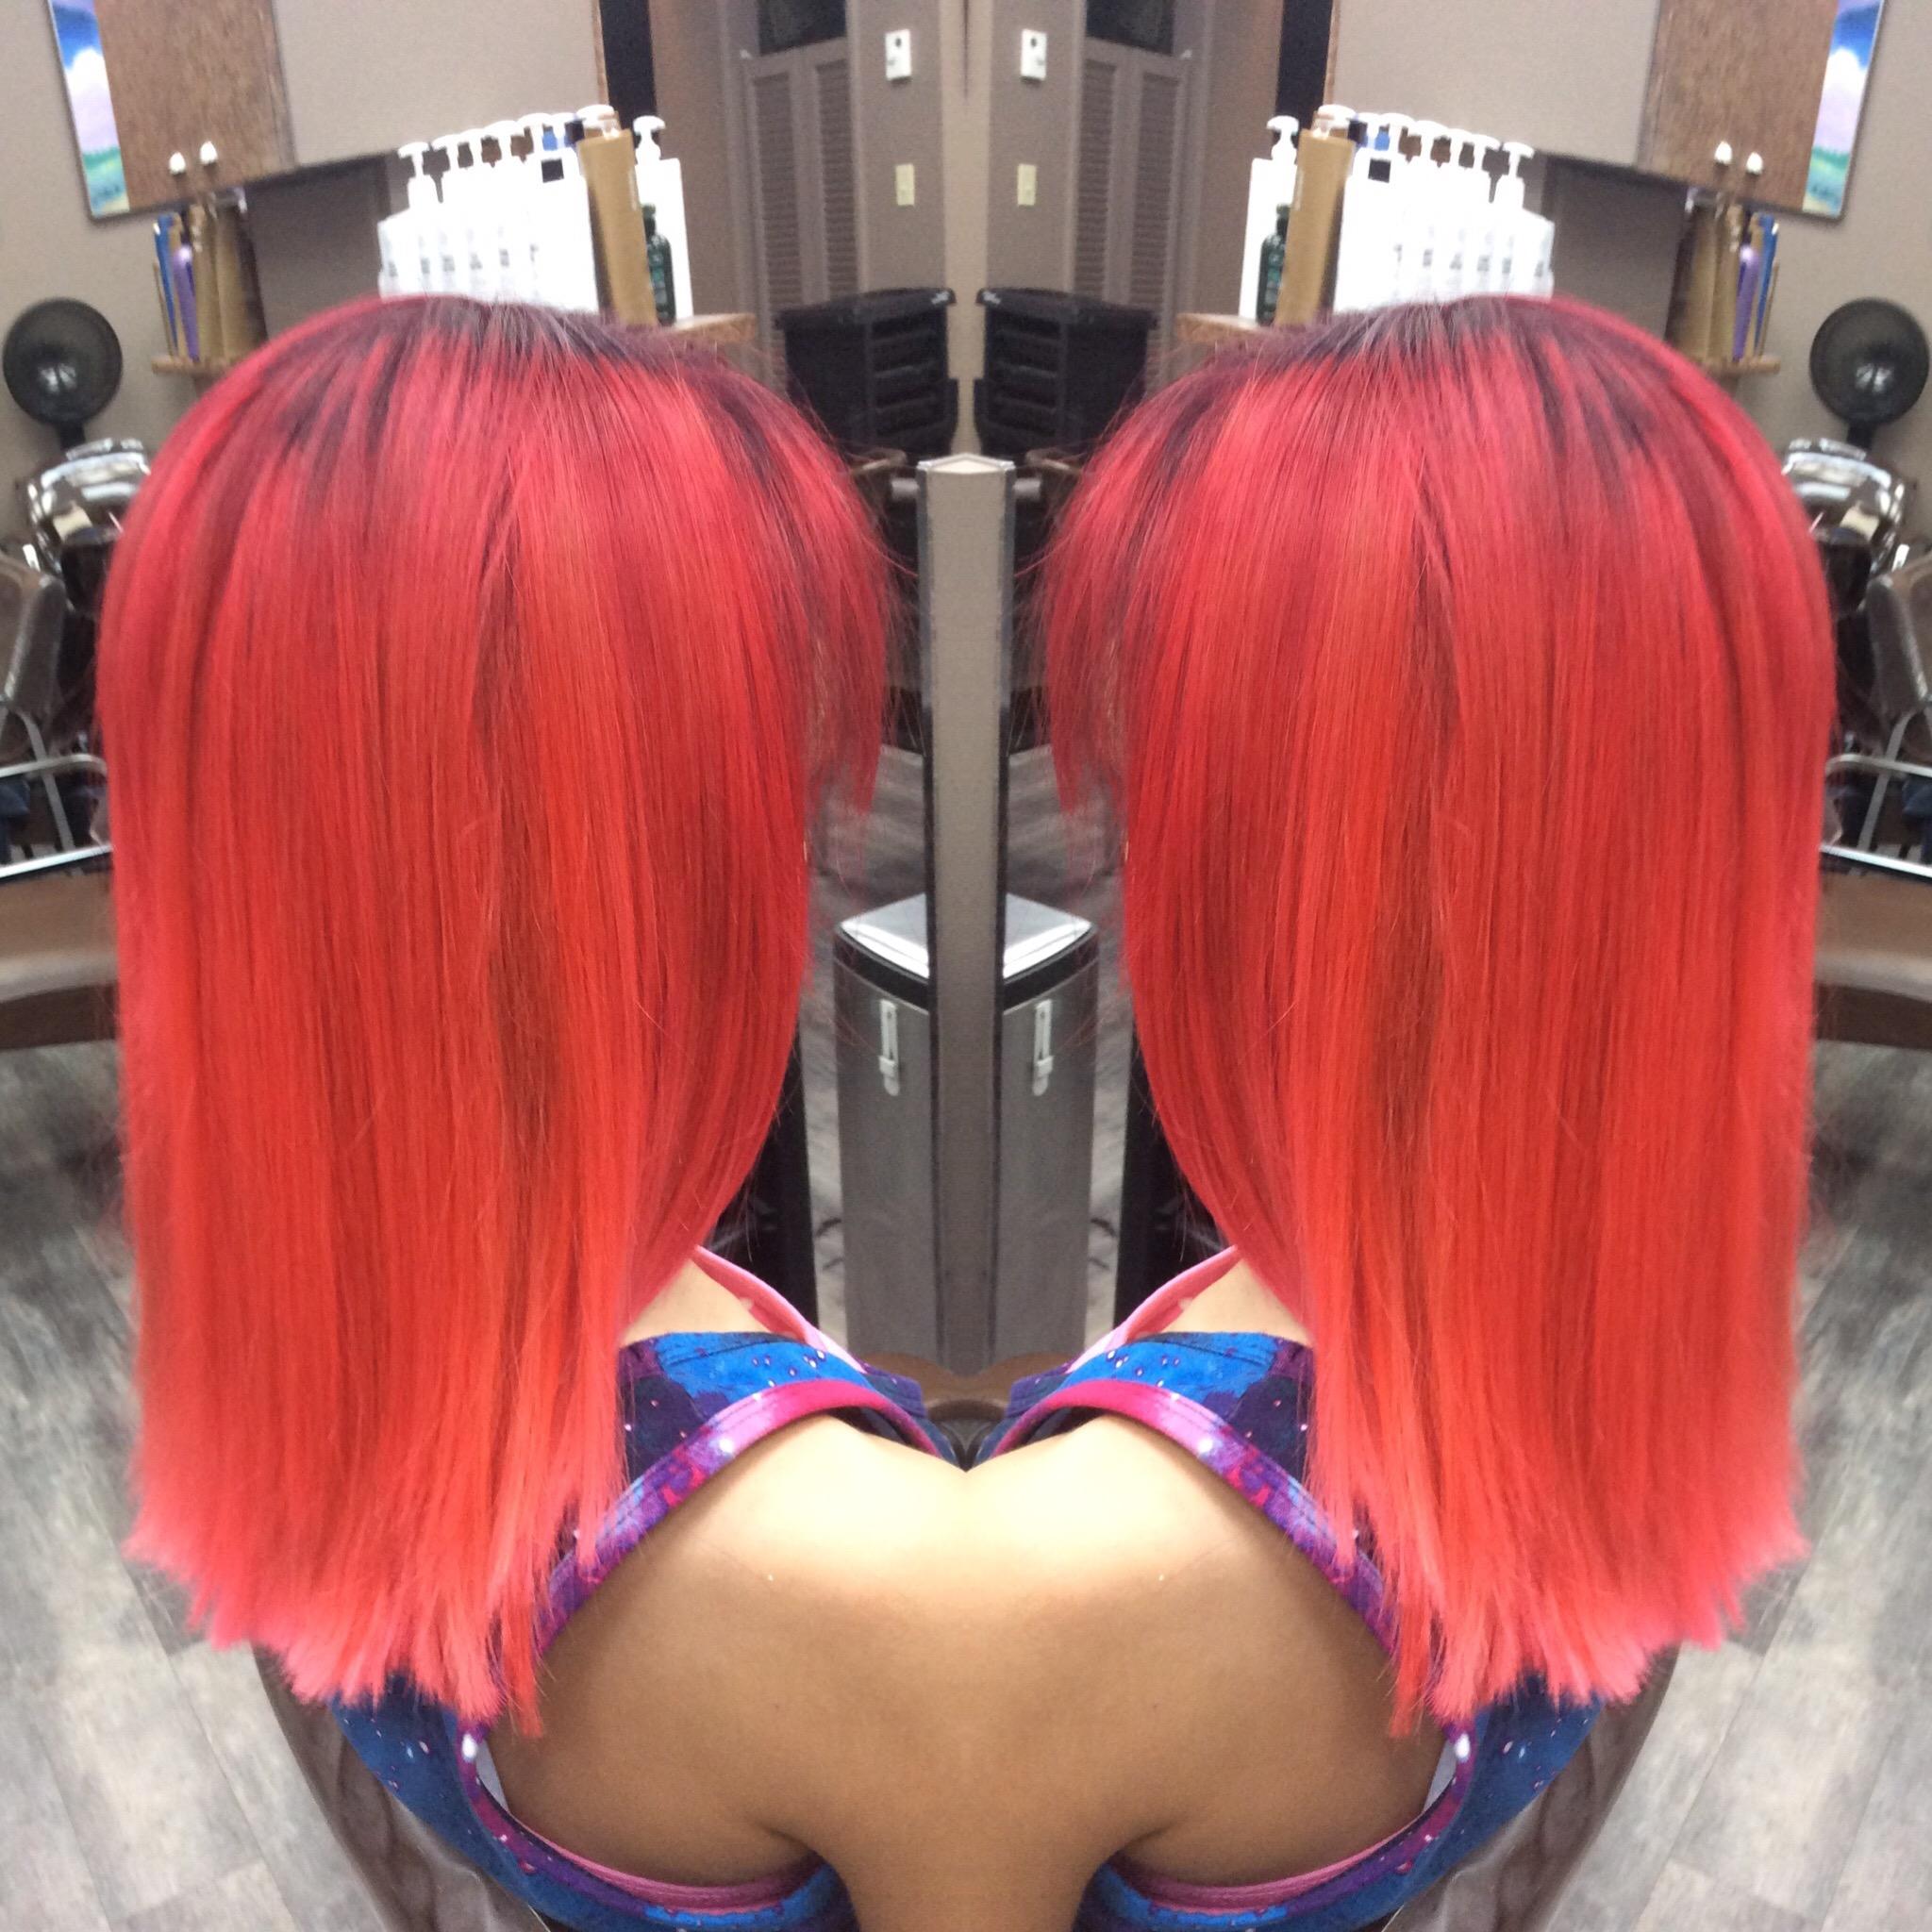 Red hair hairstyle inn saskatoon